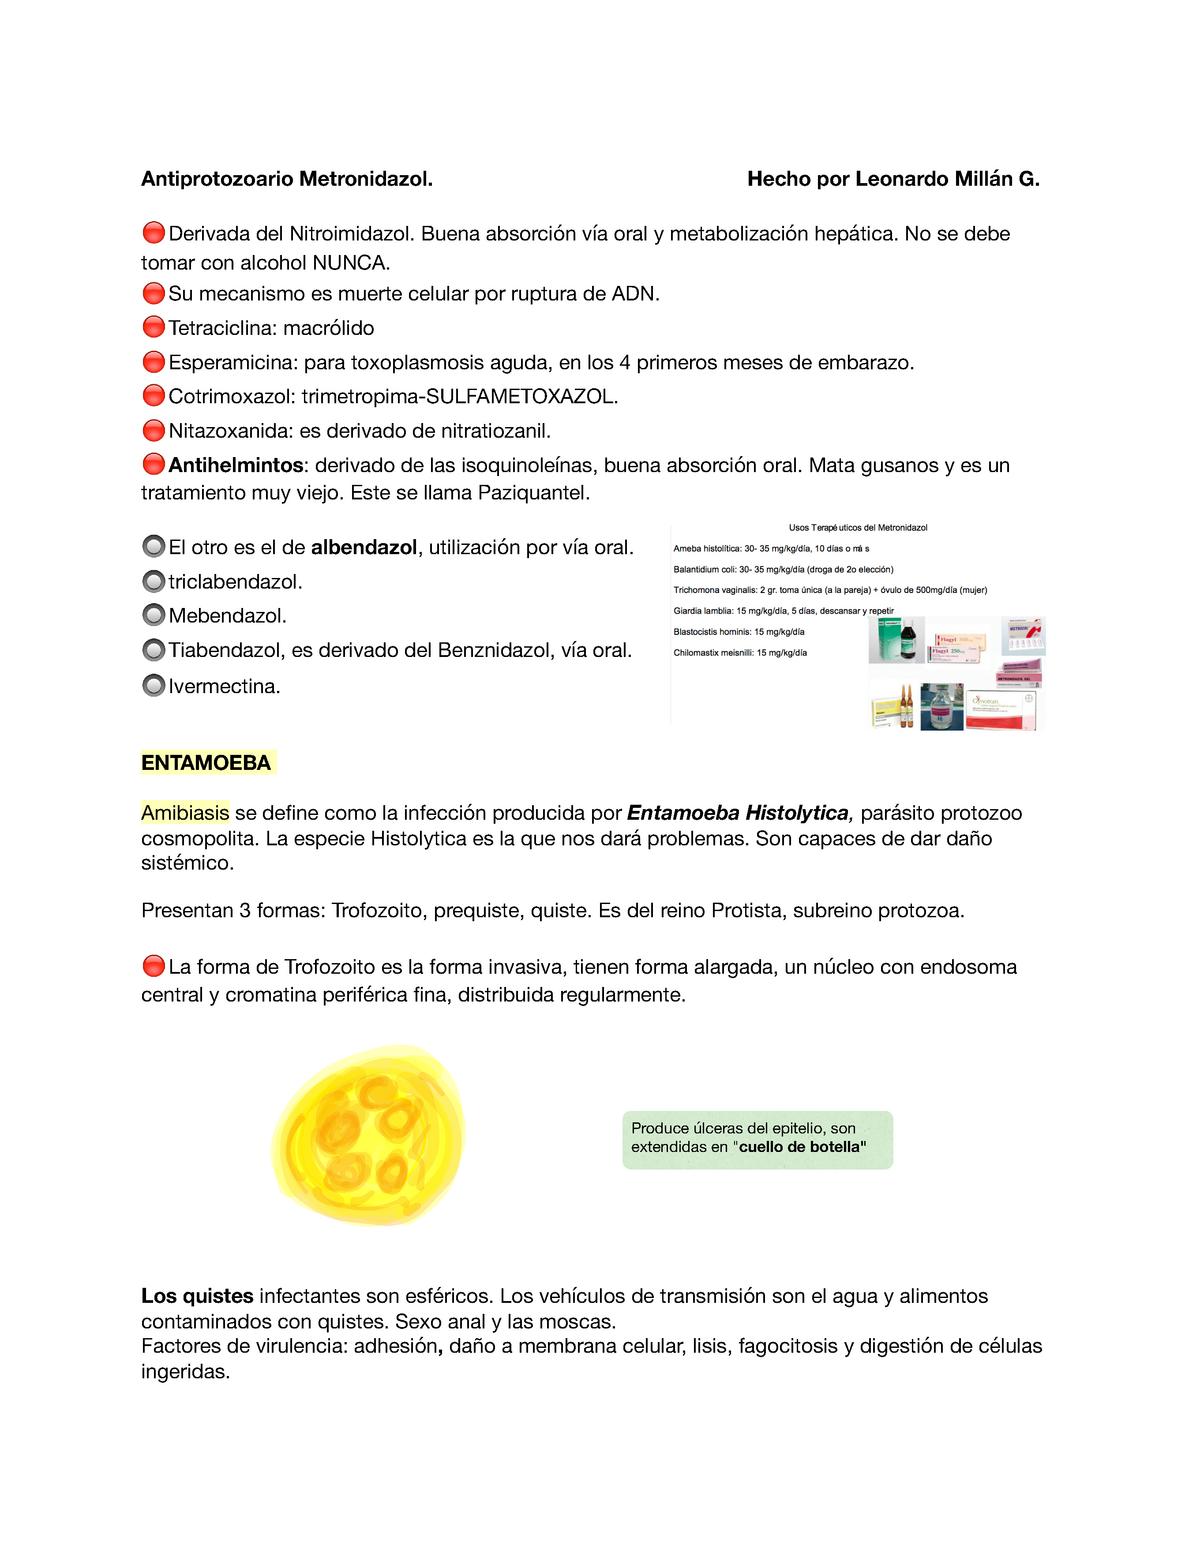 reguli pentru prevenirea helmintelor)